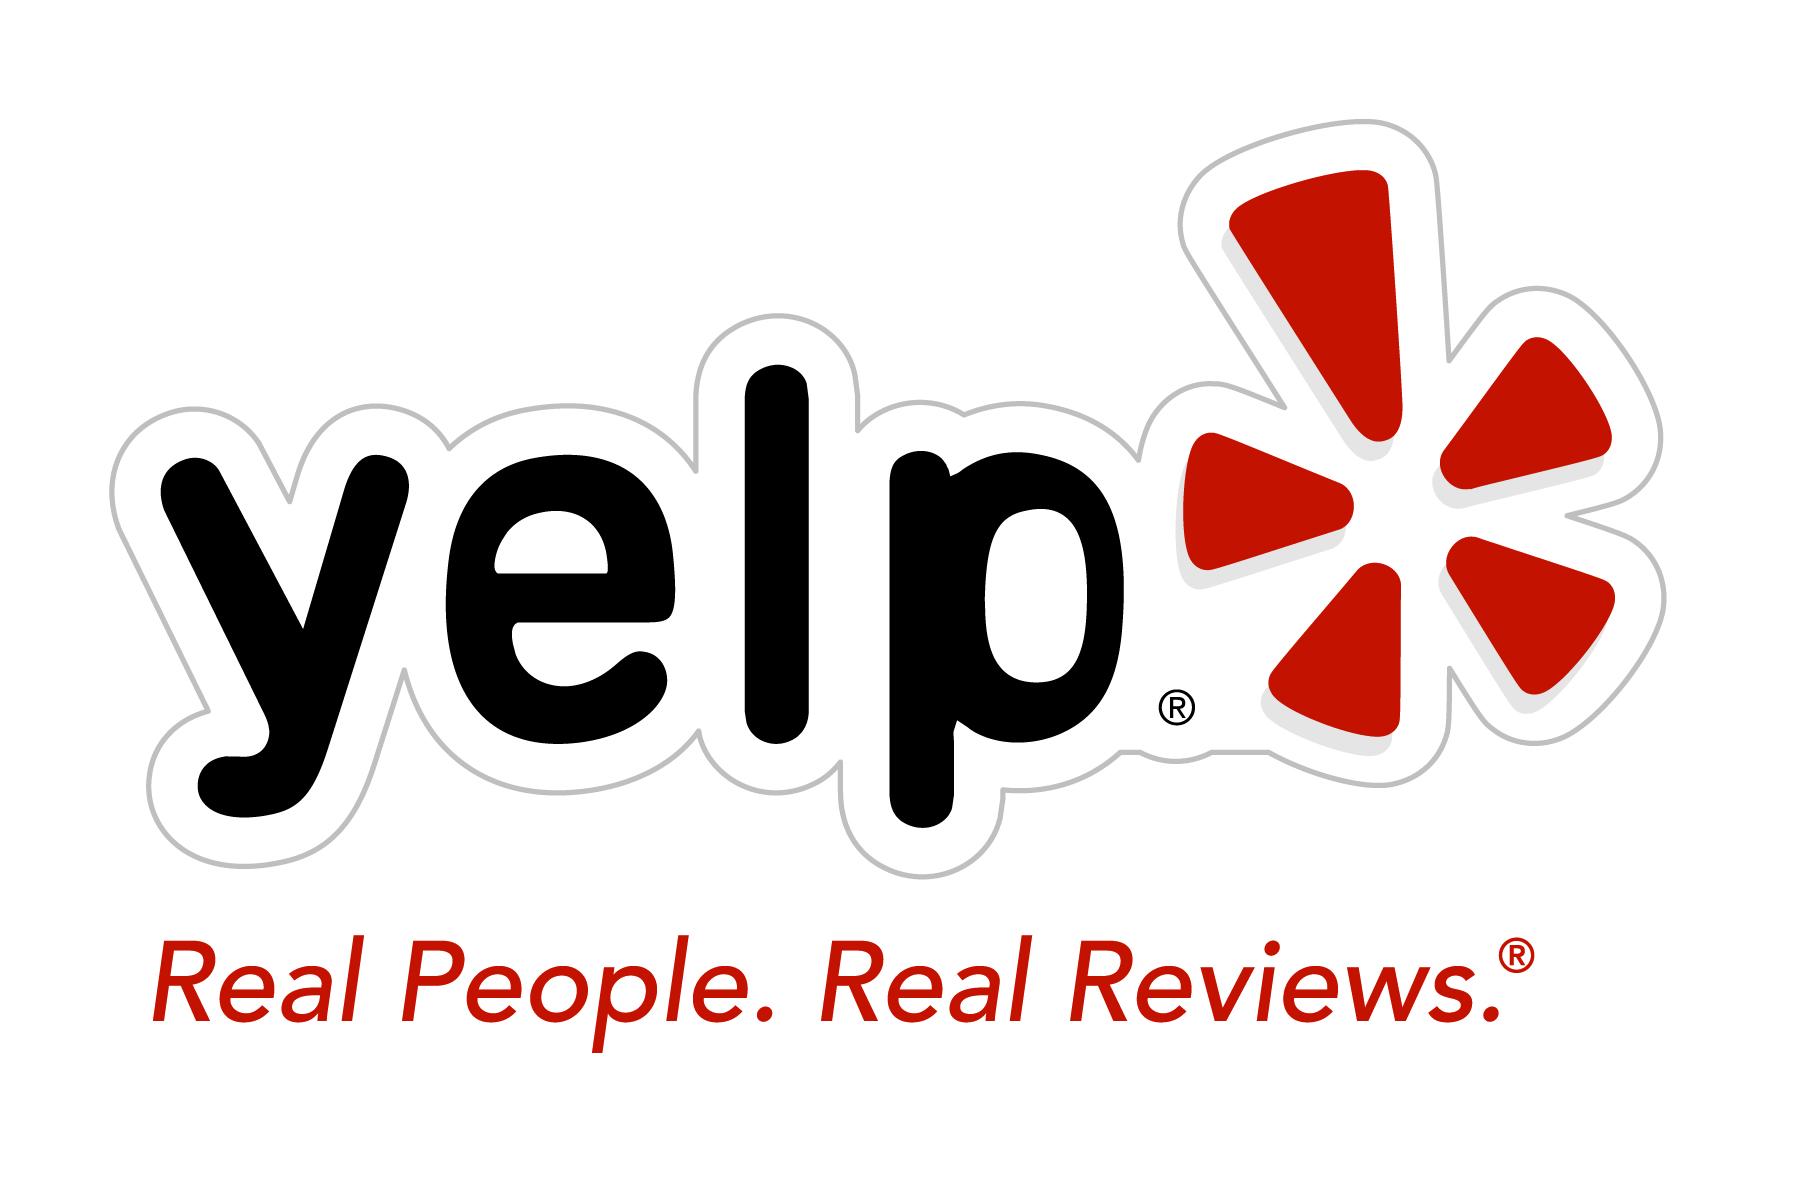 Green Light Reiki Reviews on Yelp